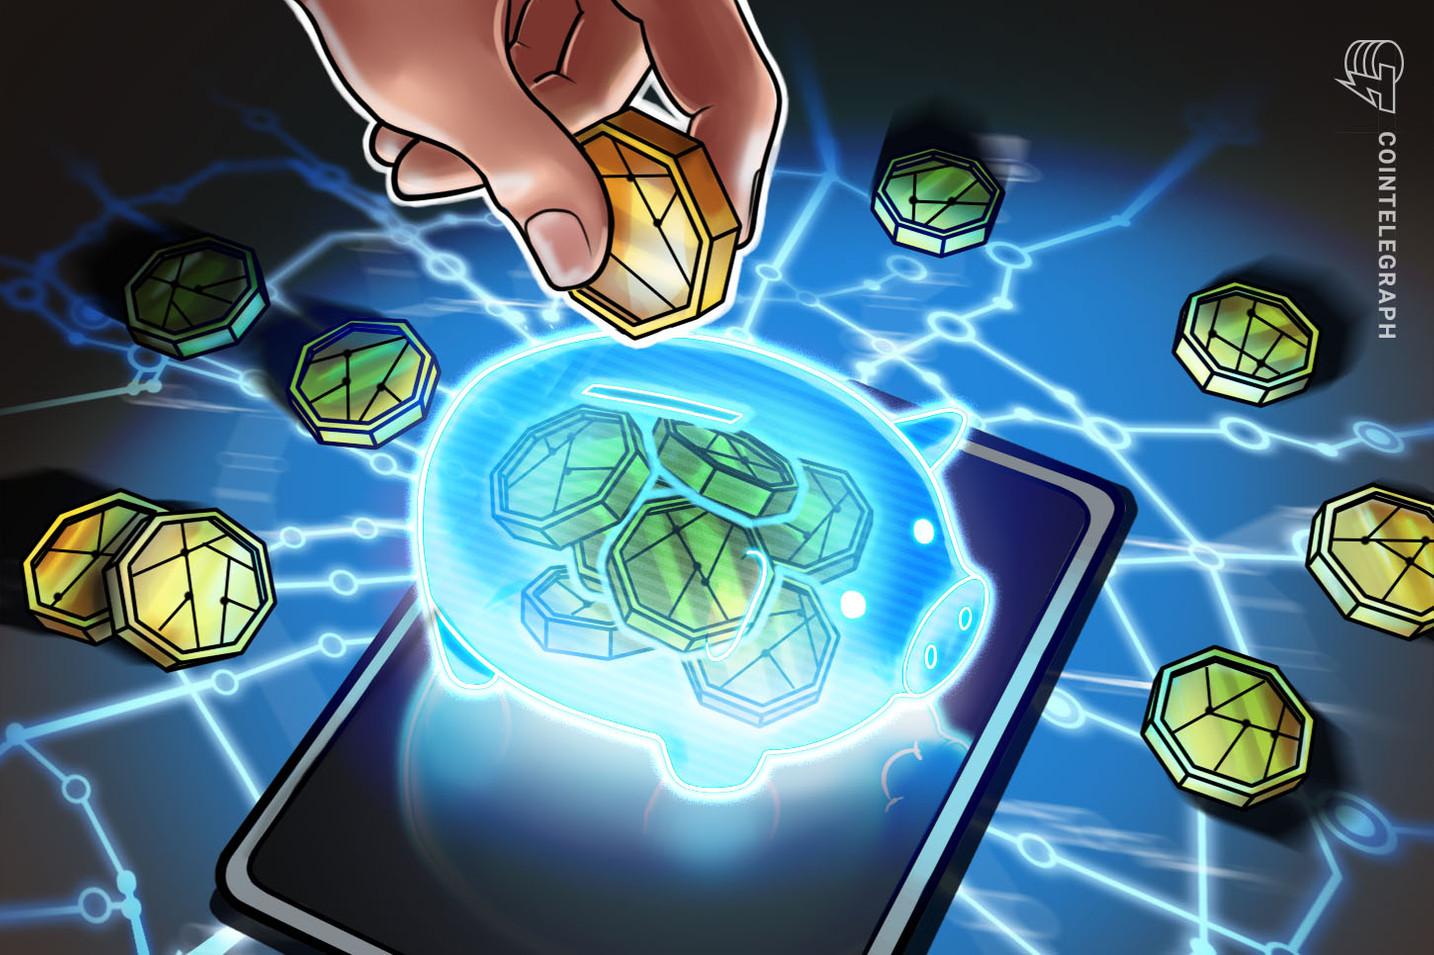 Desenvolvedor cripto levanta US$ 4 milhões da Samsung e outras empresas para lançar carteira sem chaves privadas